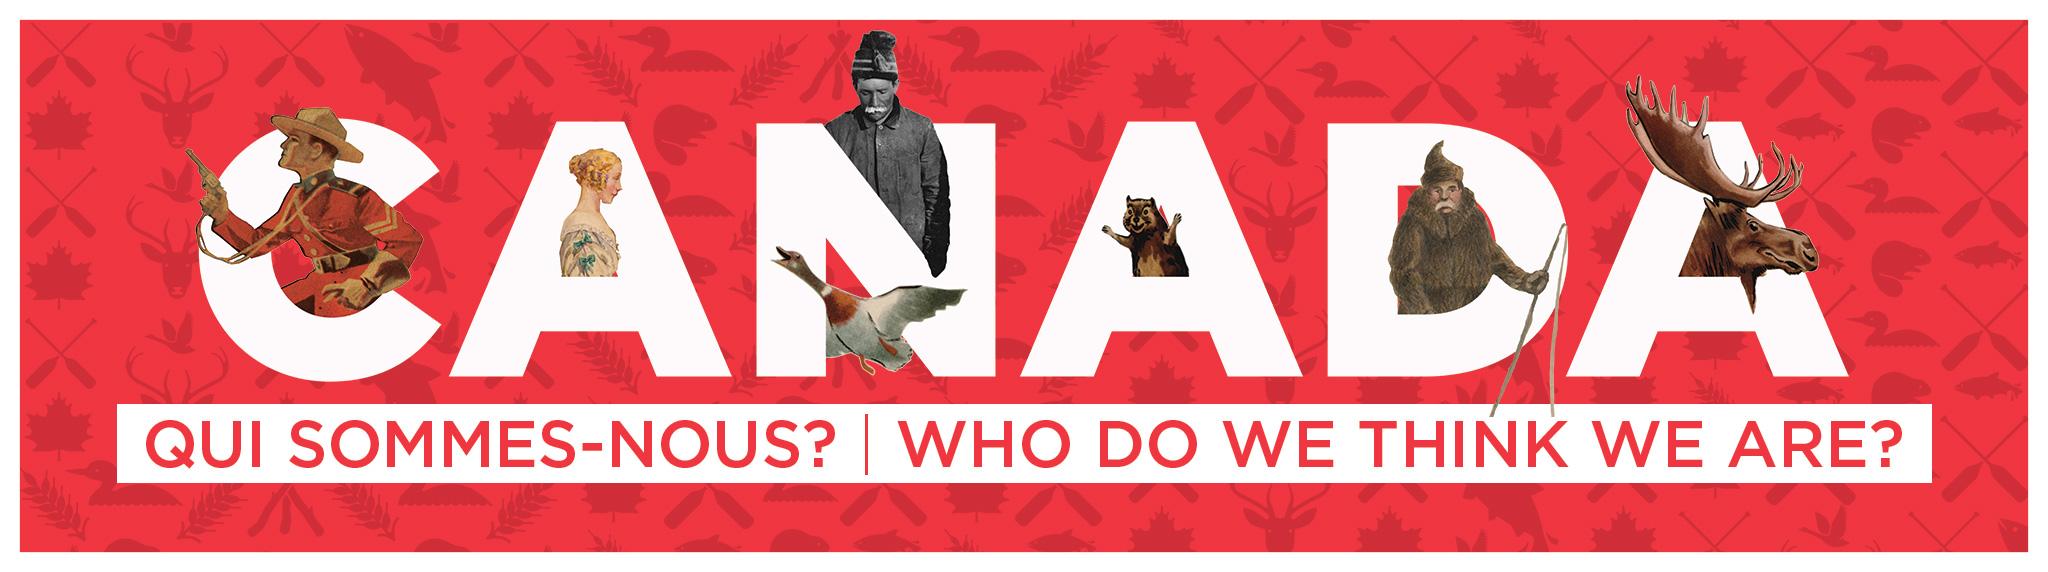 Bannière de l'exposition : Canada : Qui sommes-nous?